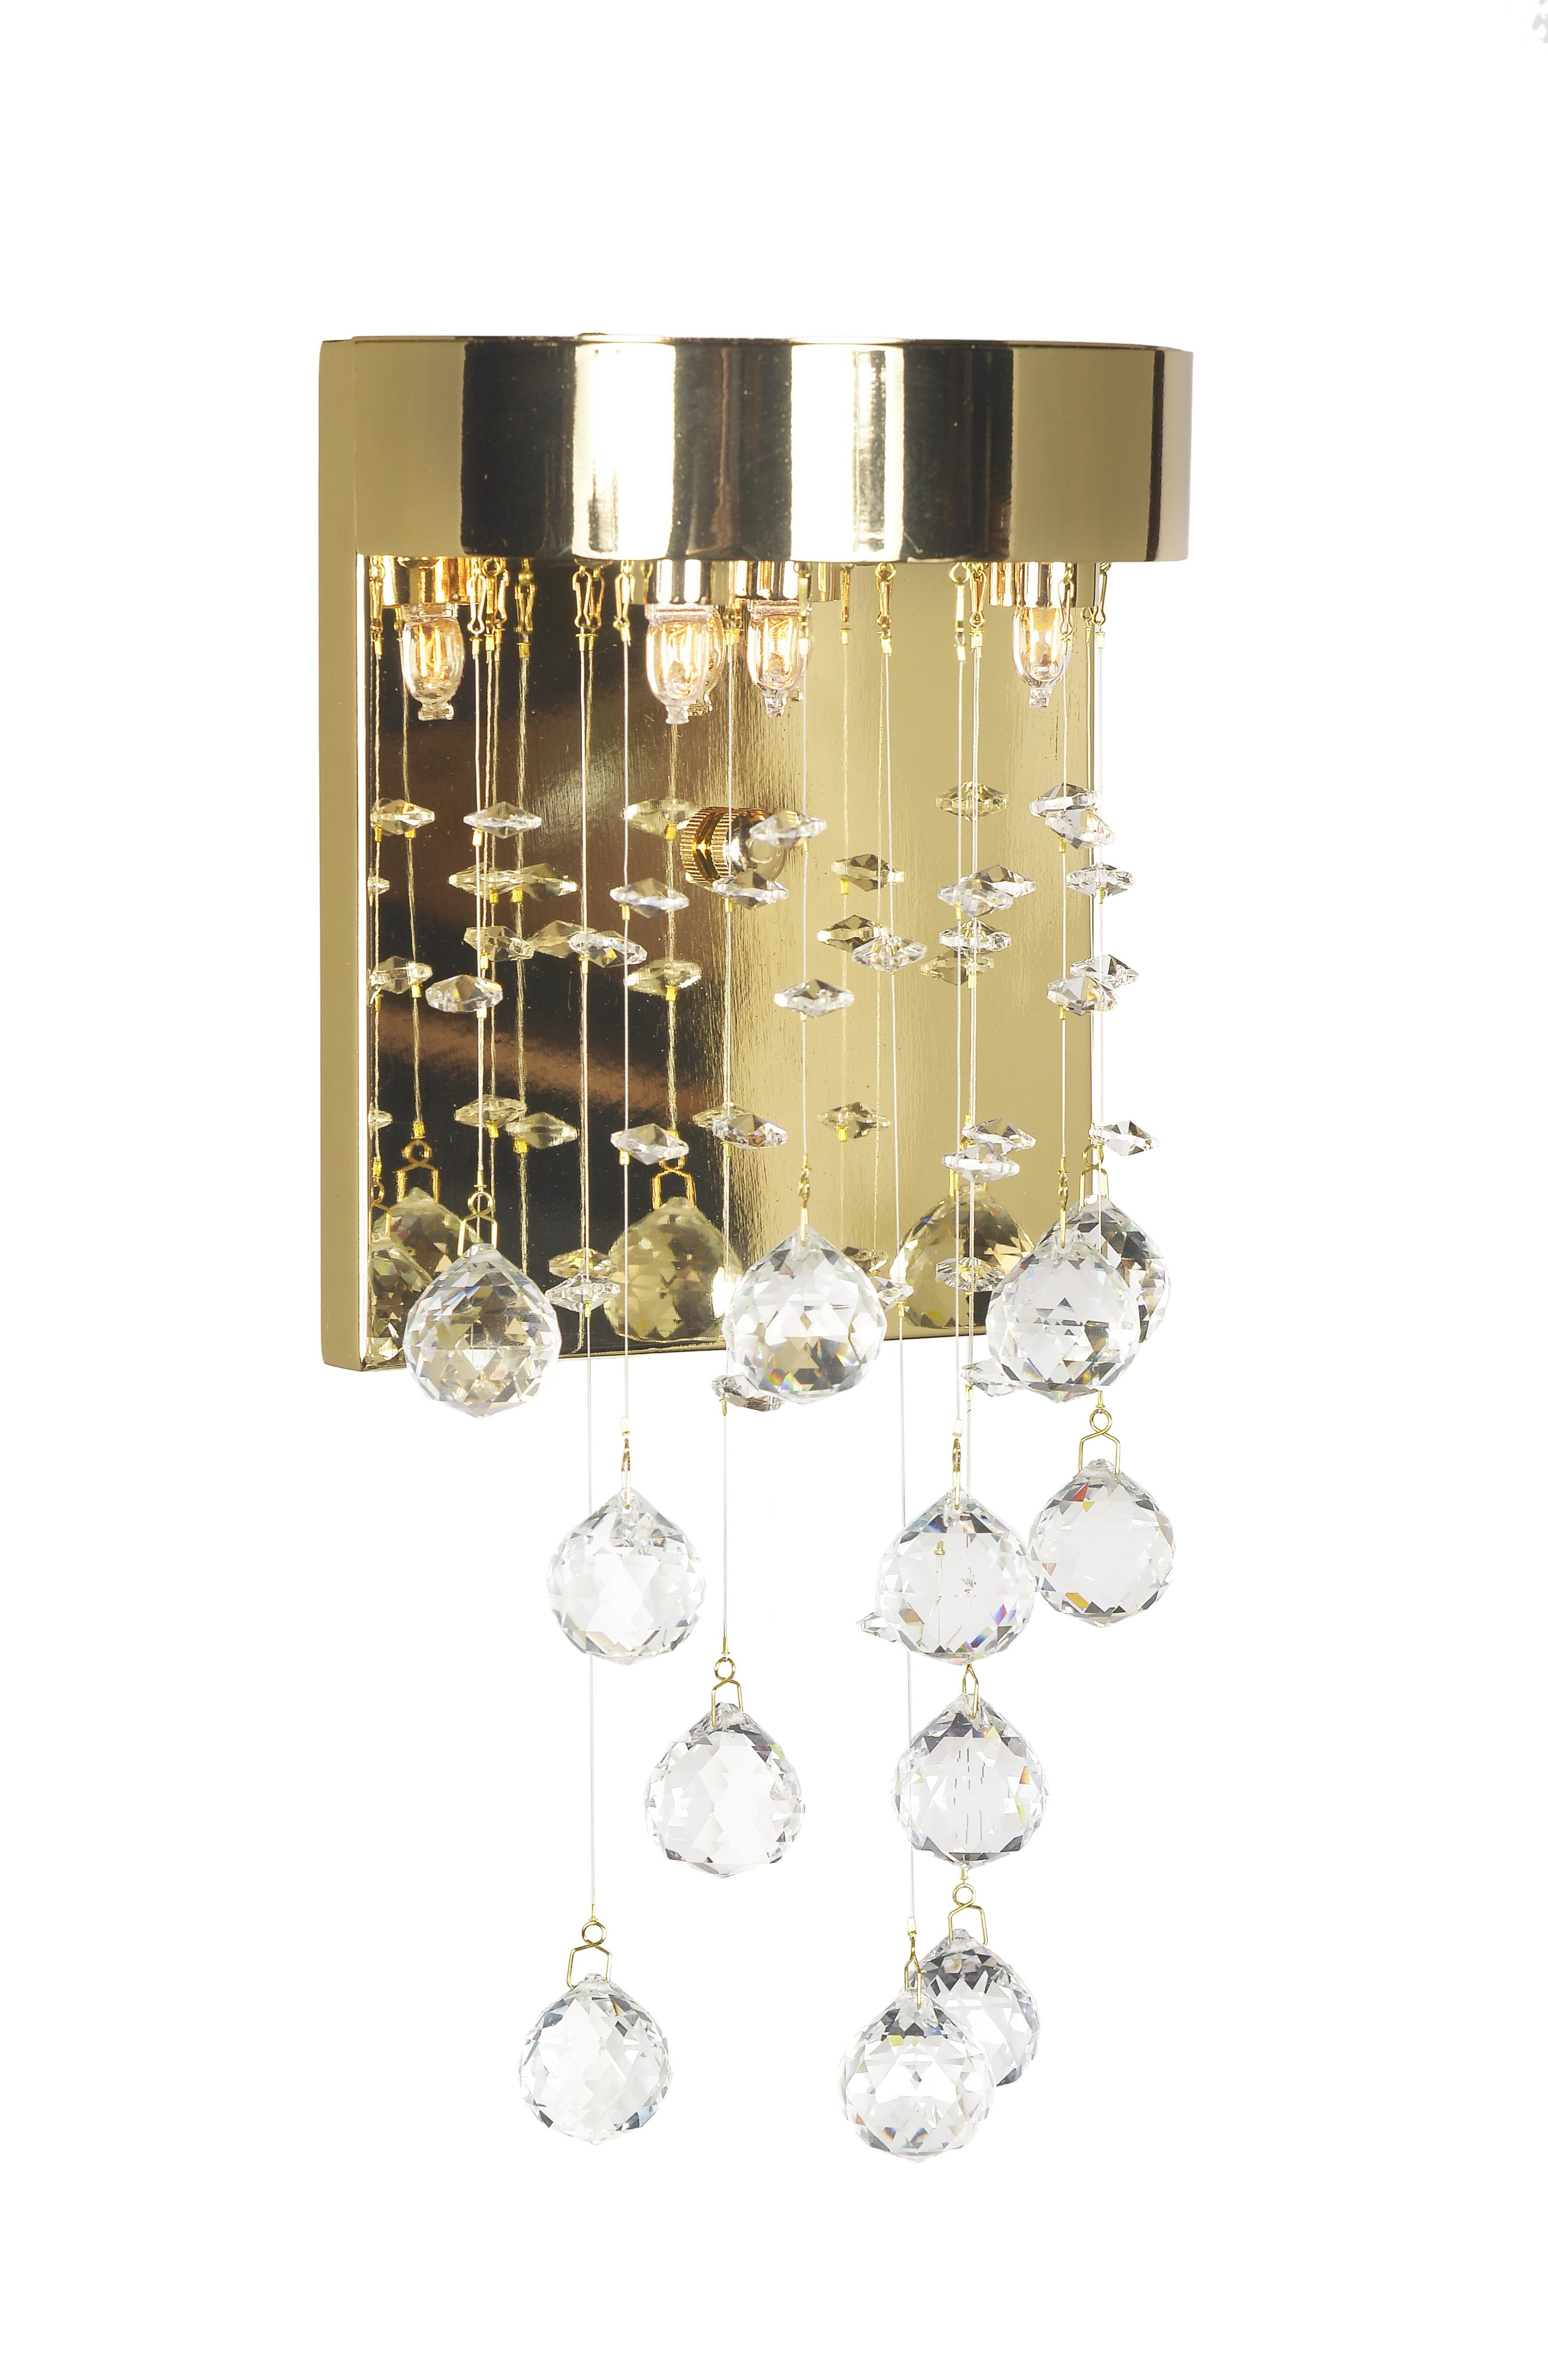 Бра Arti lampadariНастенные светильники и бра<br>Тип: бра,<br>Назначение светильника: для спальни,<br>Стиль светильника: классика,<br>Материал светильника: металл, стекло, хрусталь,<br>Тип лампы: накаливания,<br>Количество ламп: 3,<br>Мощность: 40,<br>Патрон: G9,<br>Цвет арматуры: золото,<br>Высота: 230,<br>Диаметр: 180<br>